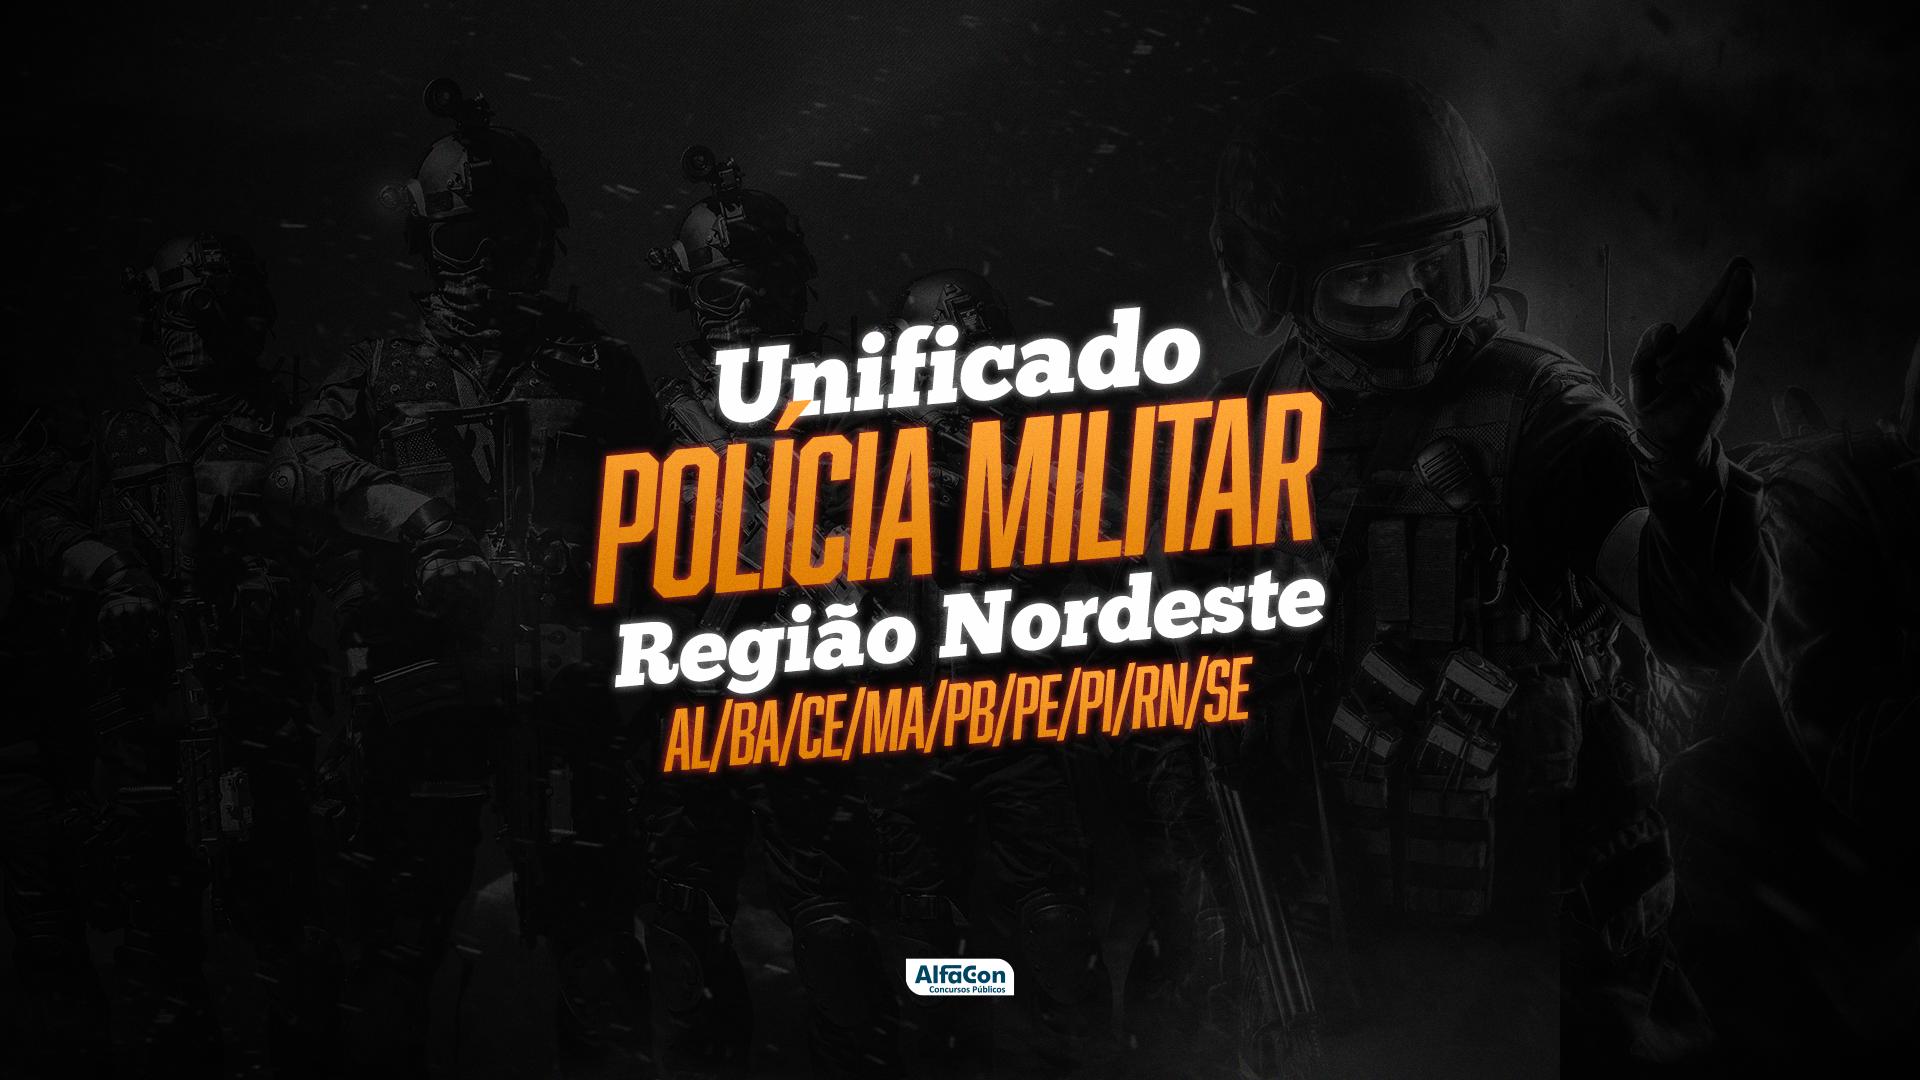 Unificado Polícia Militar - Região Nordeste